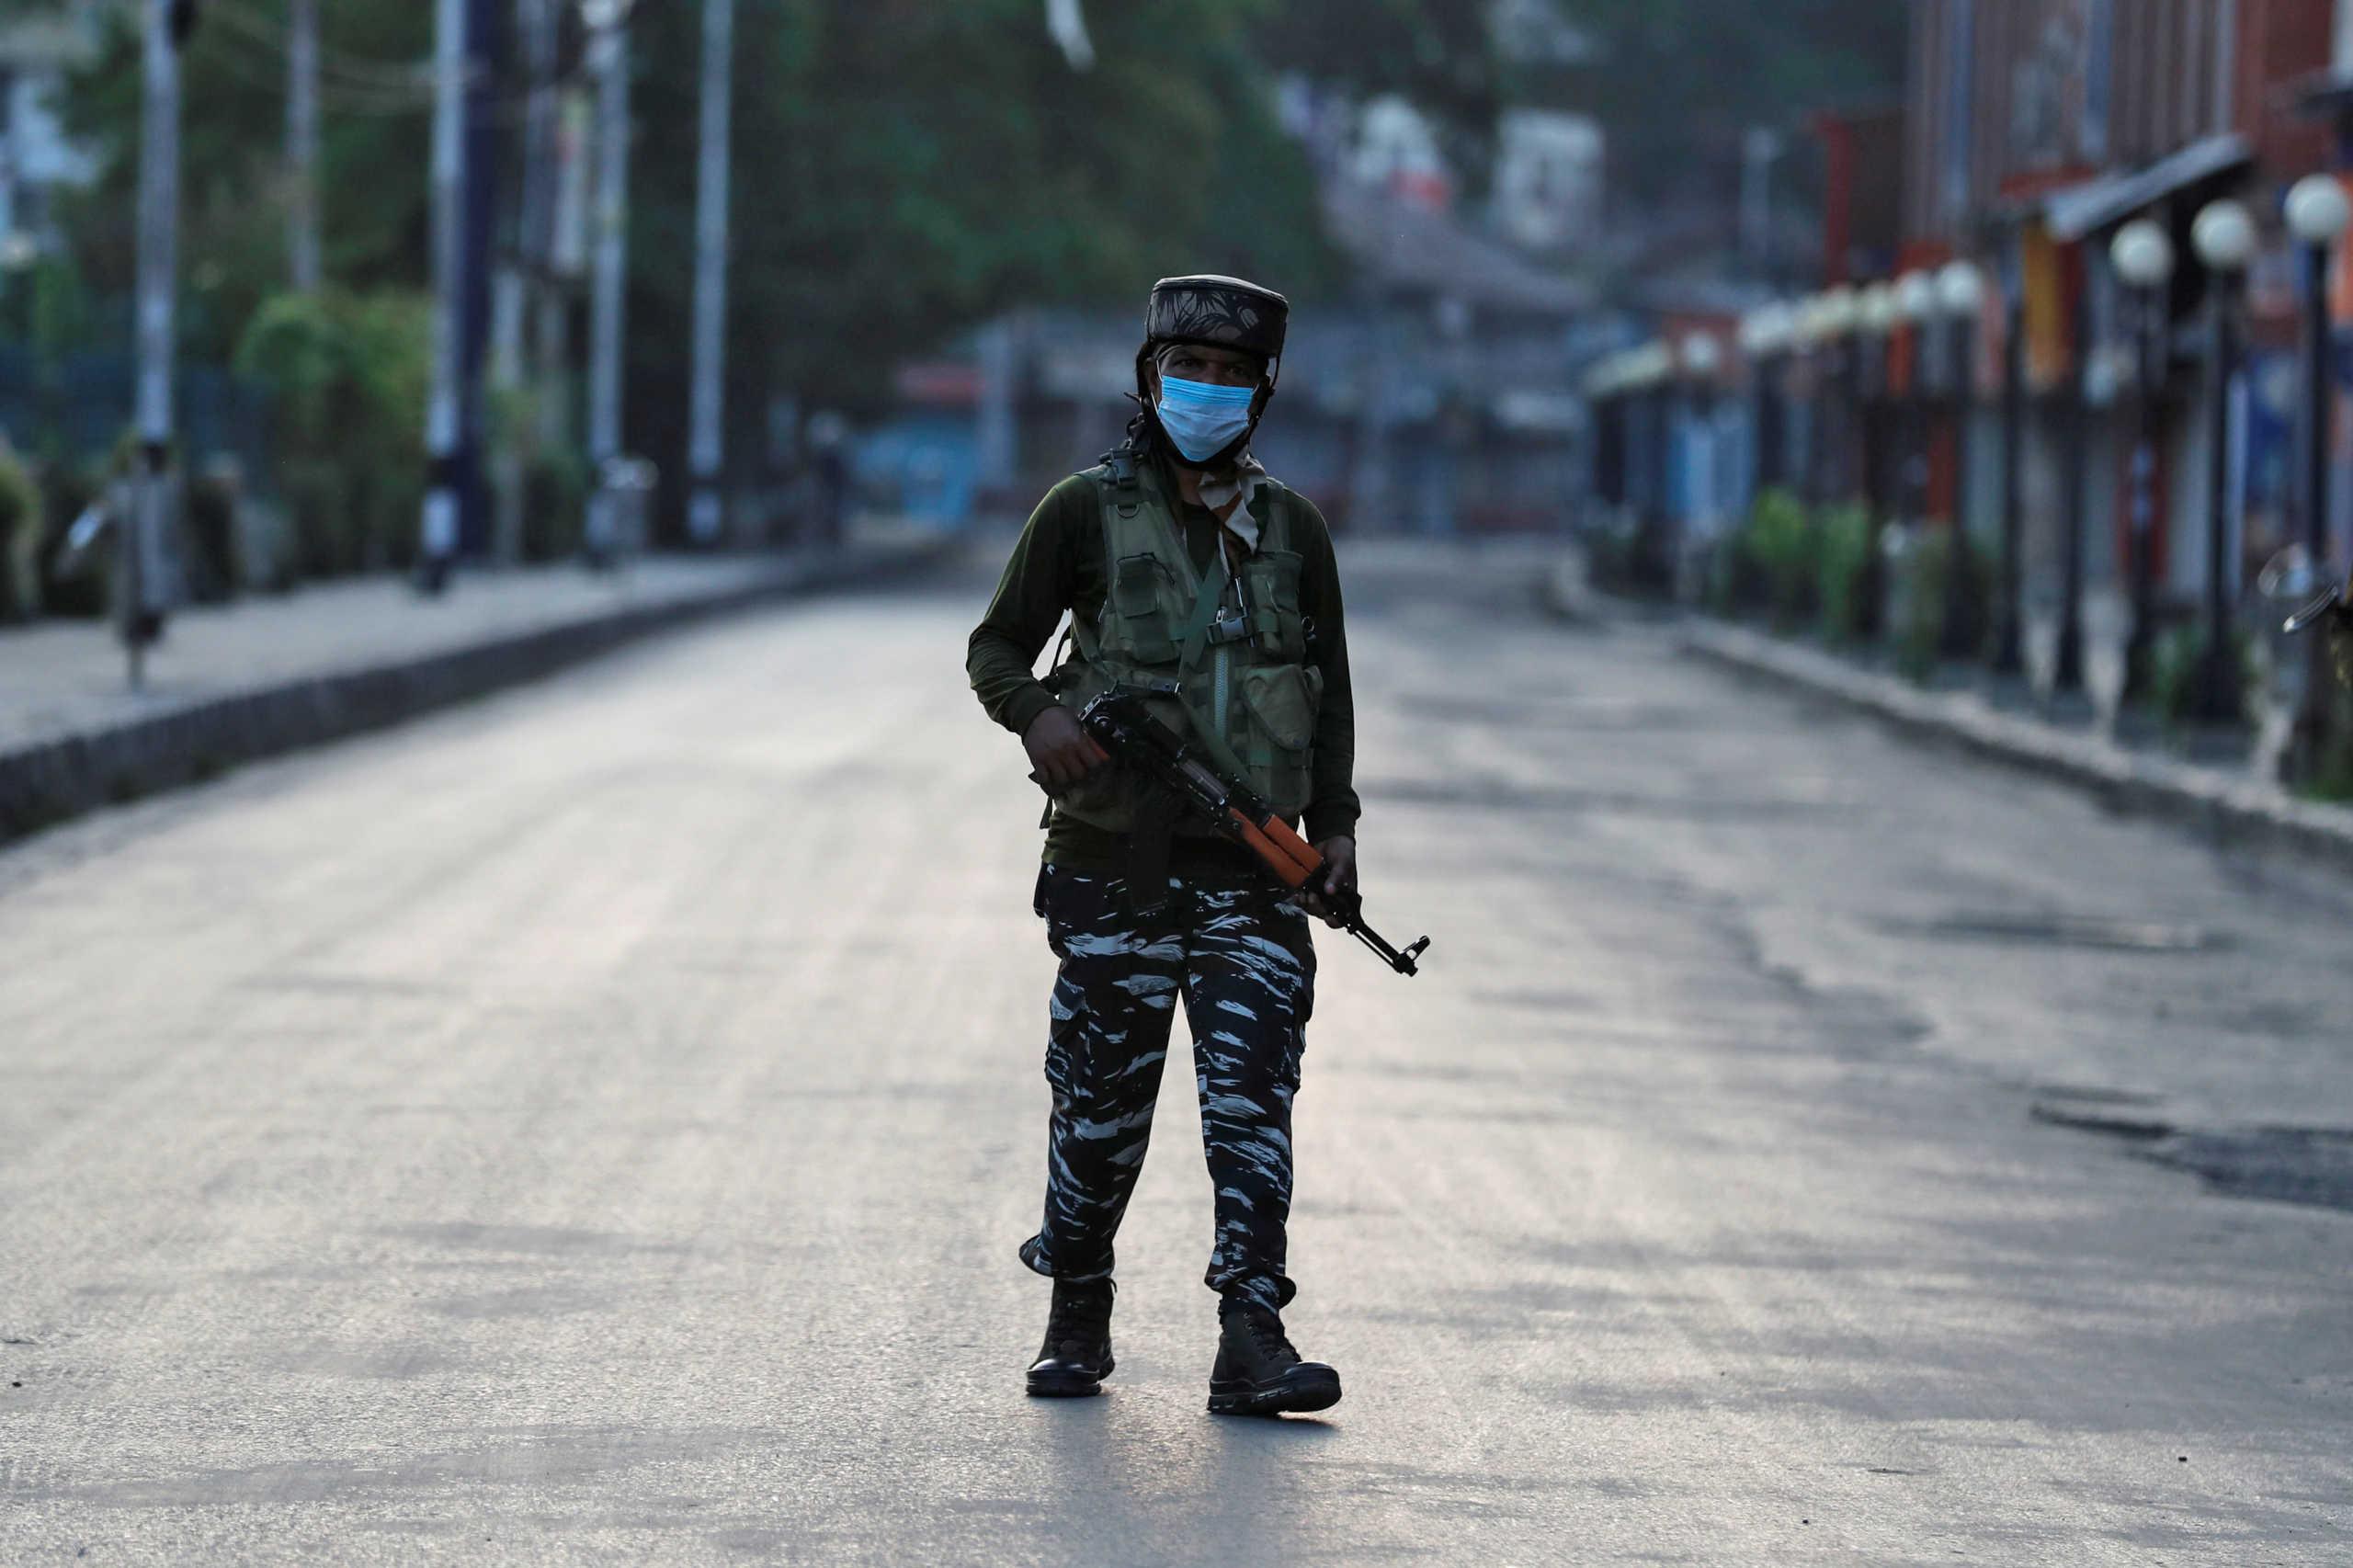 Τρεις νεκροί στην Ινδία λόγω μιας… ανάρτησης στο Facebook